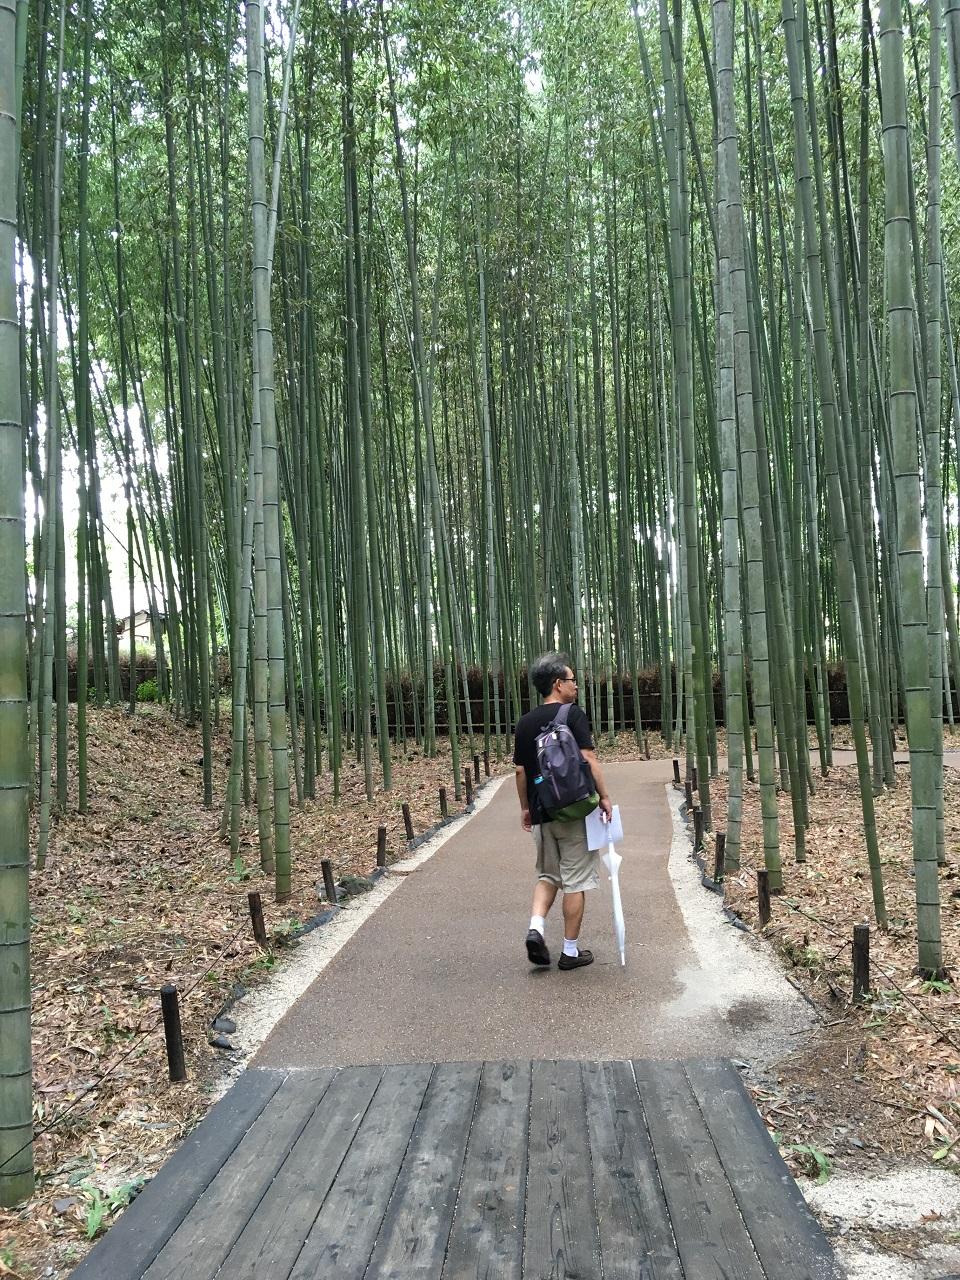 하늘 끝에 닿을 듯 빽빽이 늘어선 푸른 대나무숲.